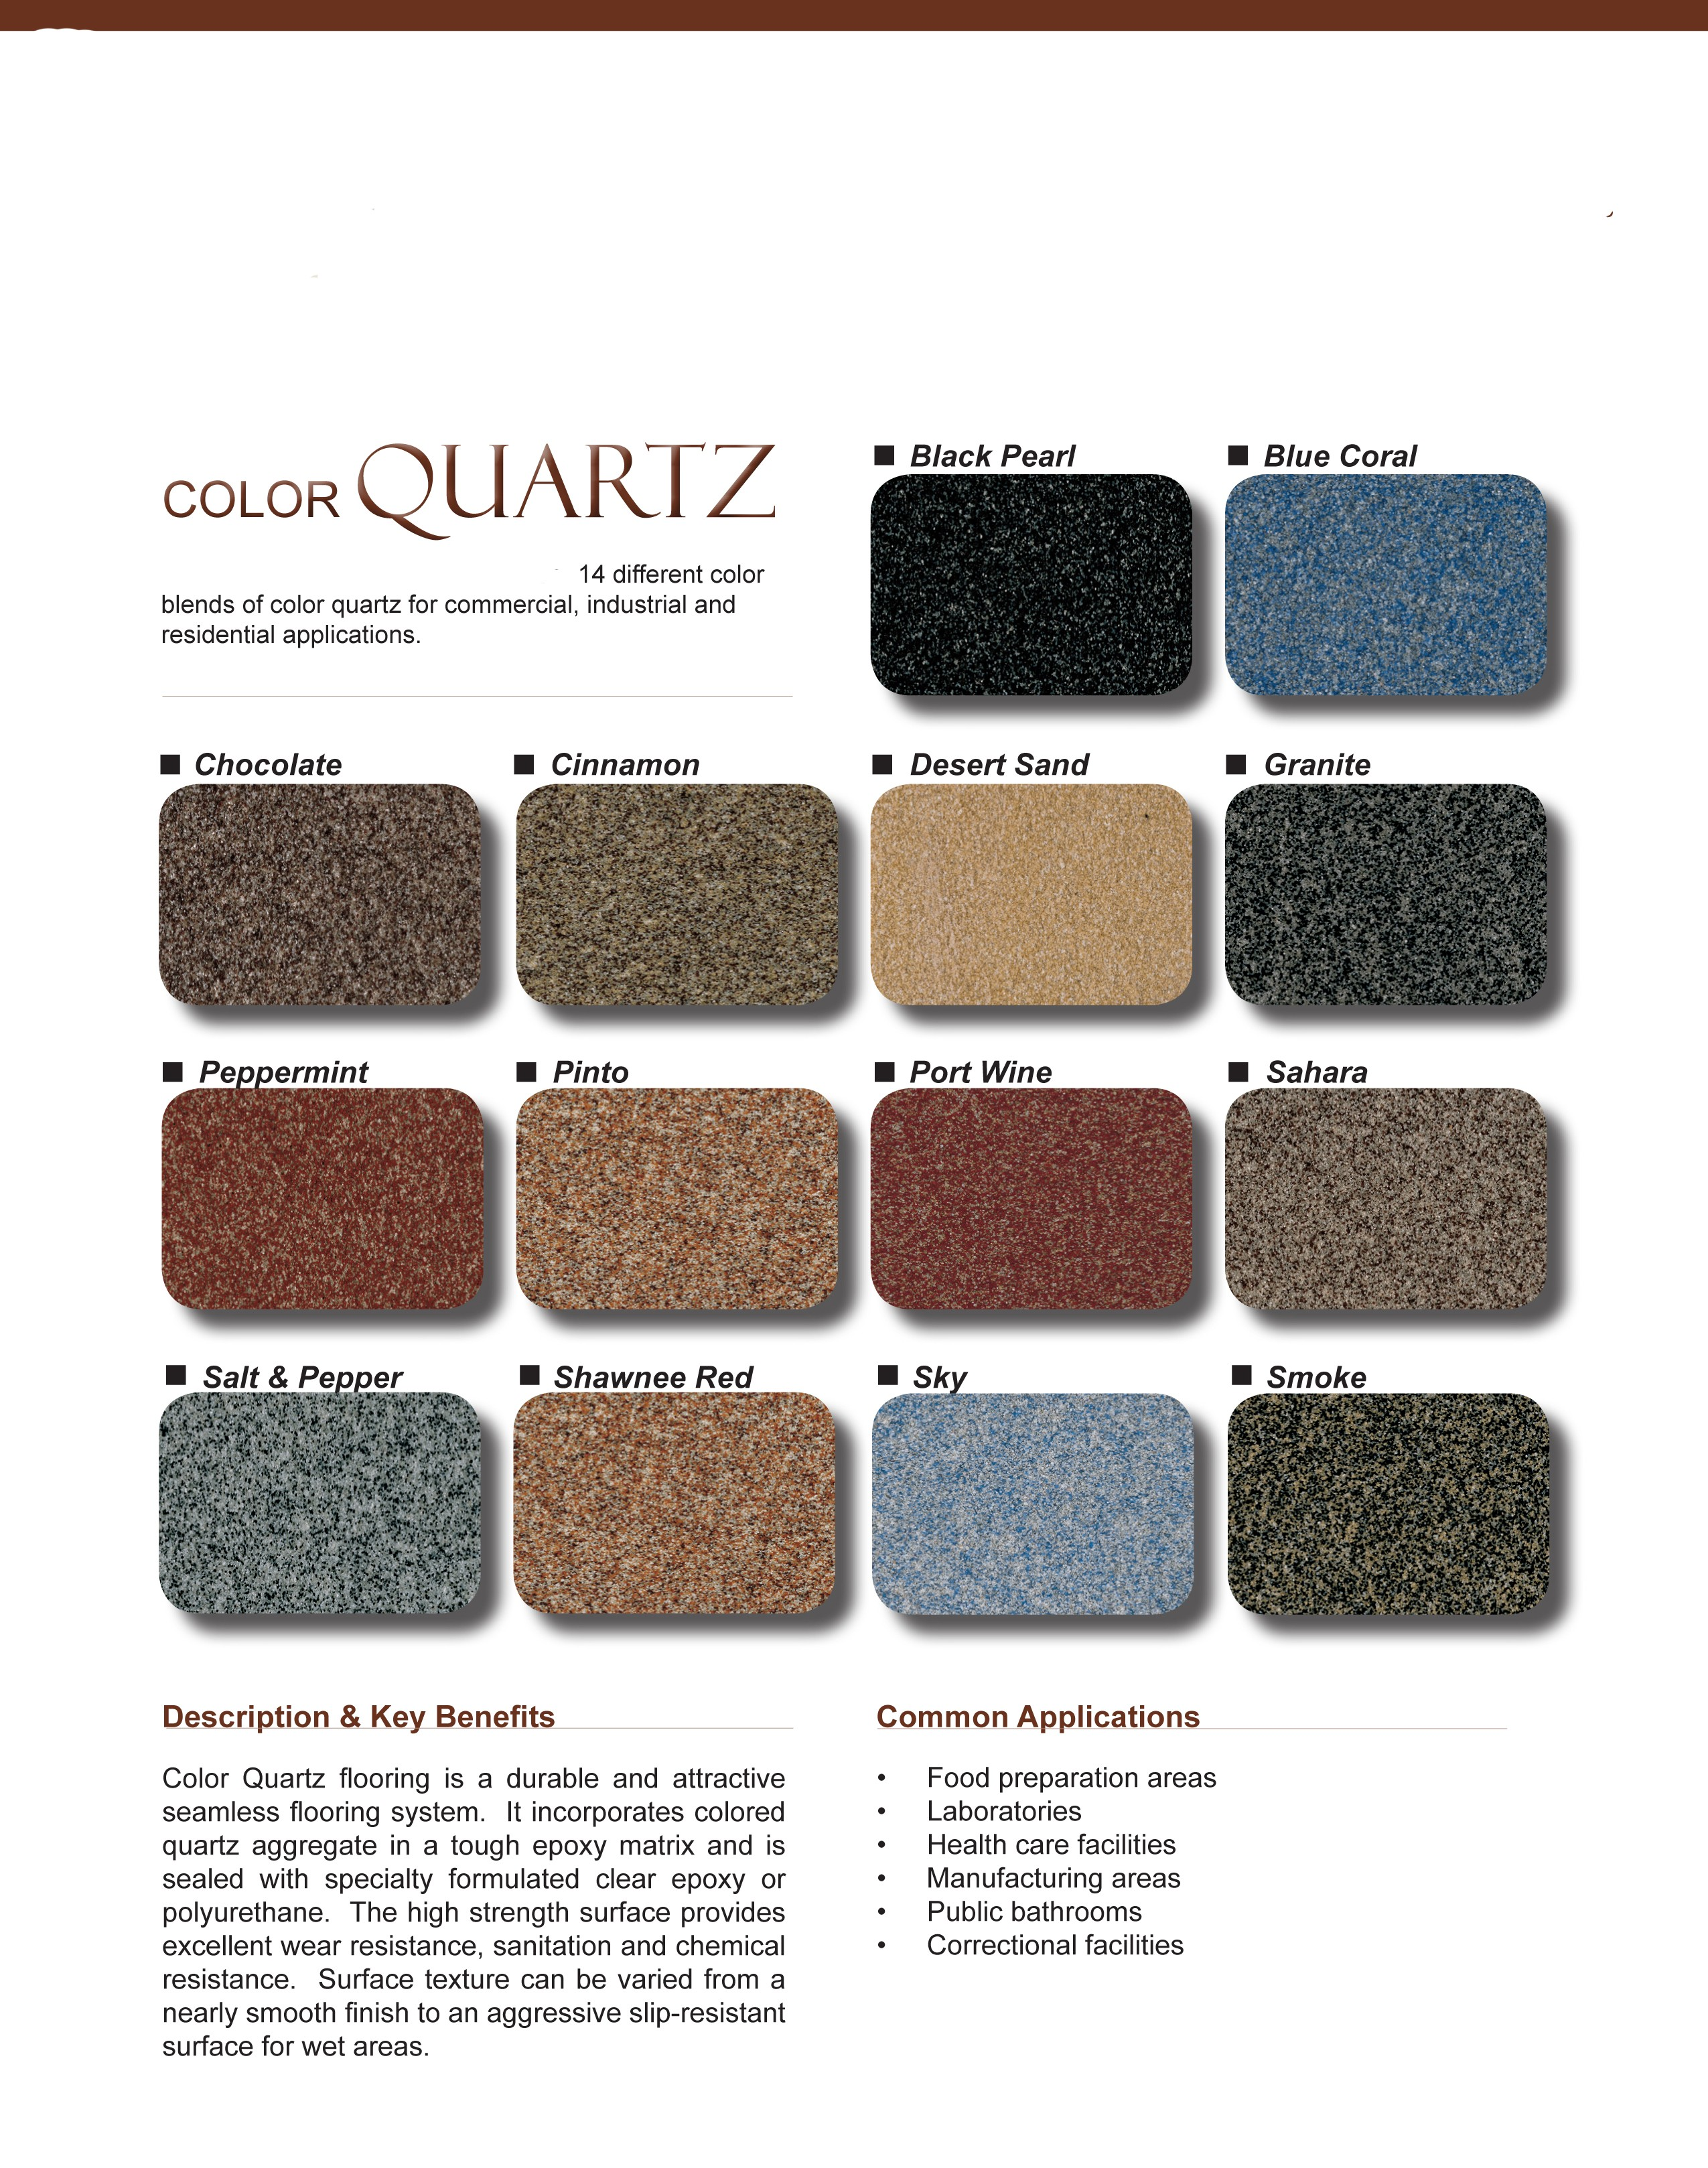 Esr decorative concrete experts epoxy floor coatings esr epoxy flooring system color quartz epoxy quartz color chart nvjuhfo Image collections